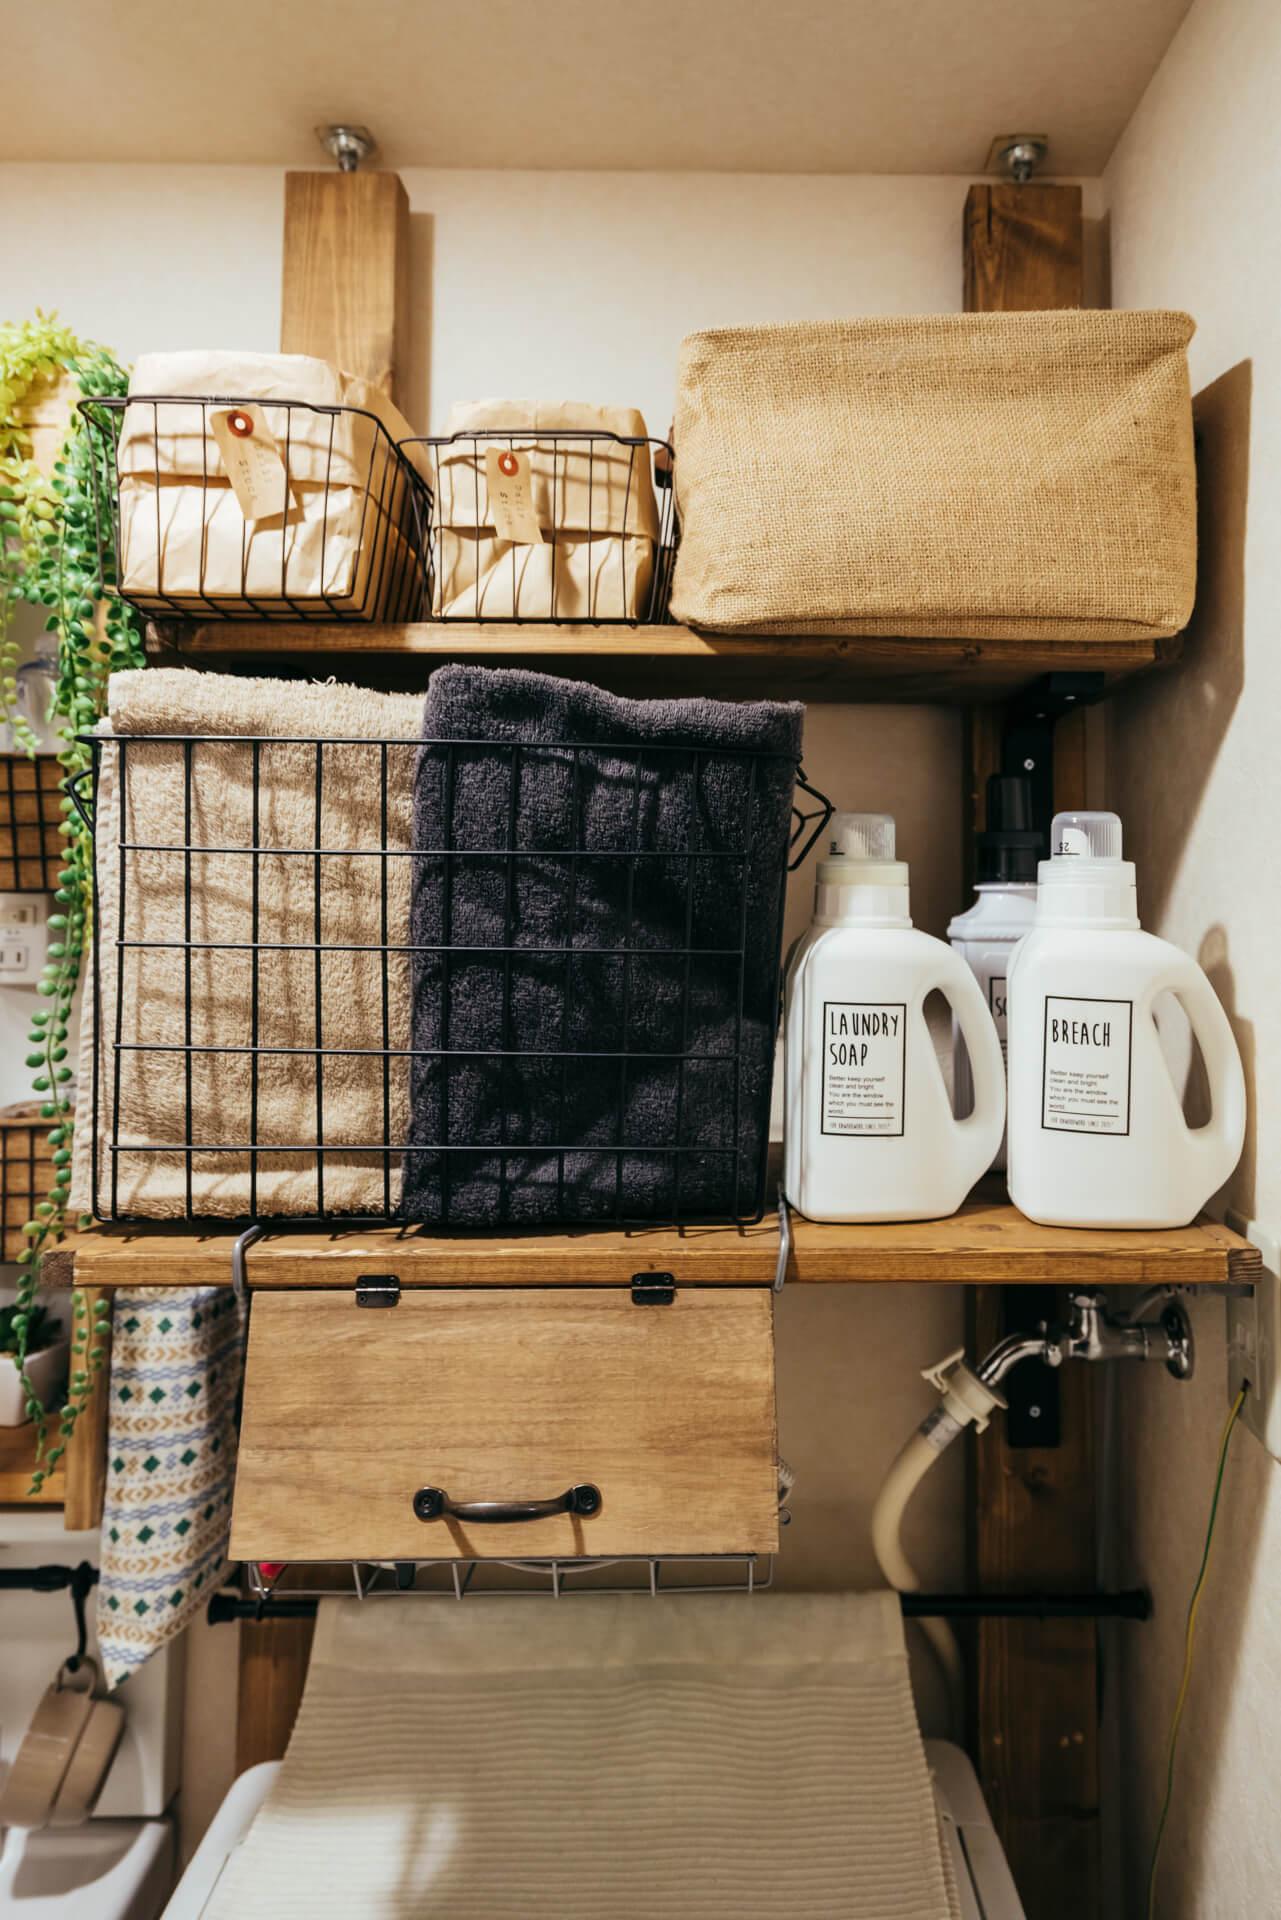 ディアウォールやアジャスター金具をつかって、洗濯機周りに収納スペースをつくりましょう。しっかりとした素材なので、安定感があるのもうれしいです。